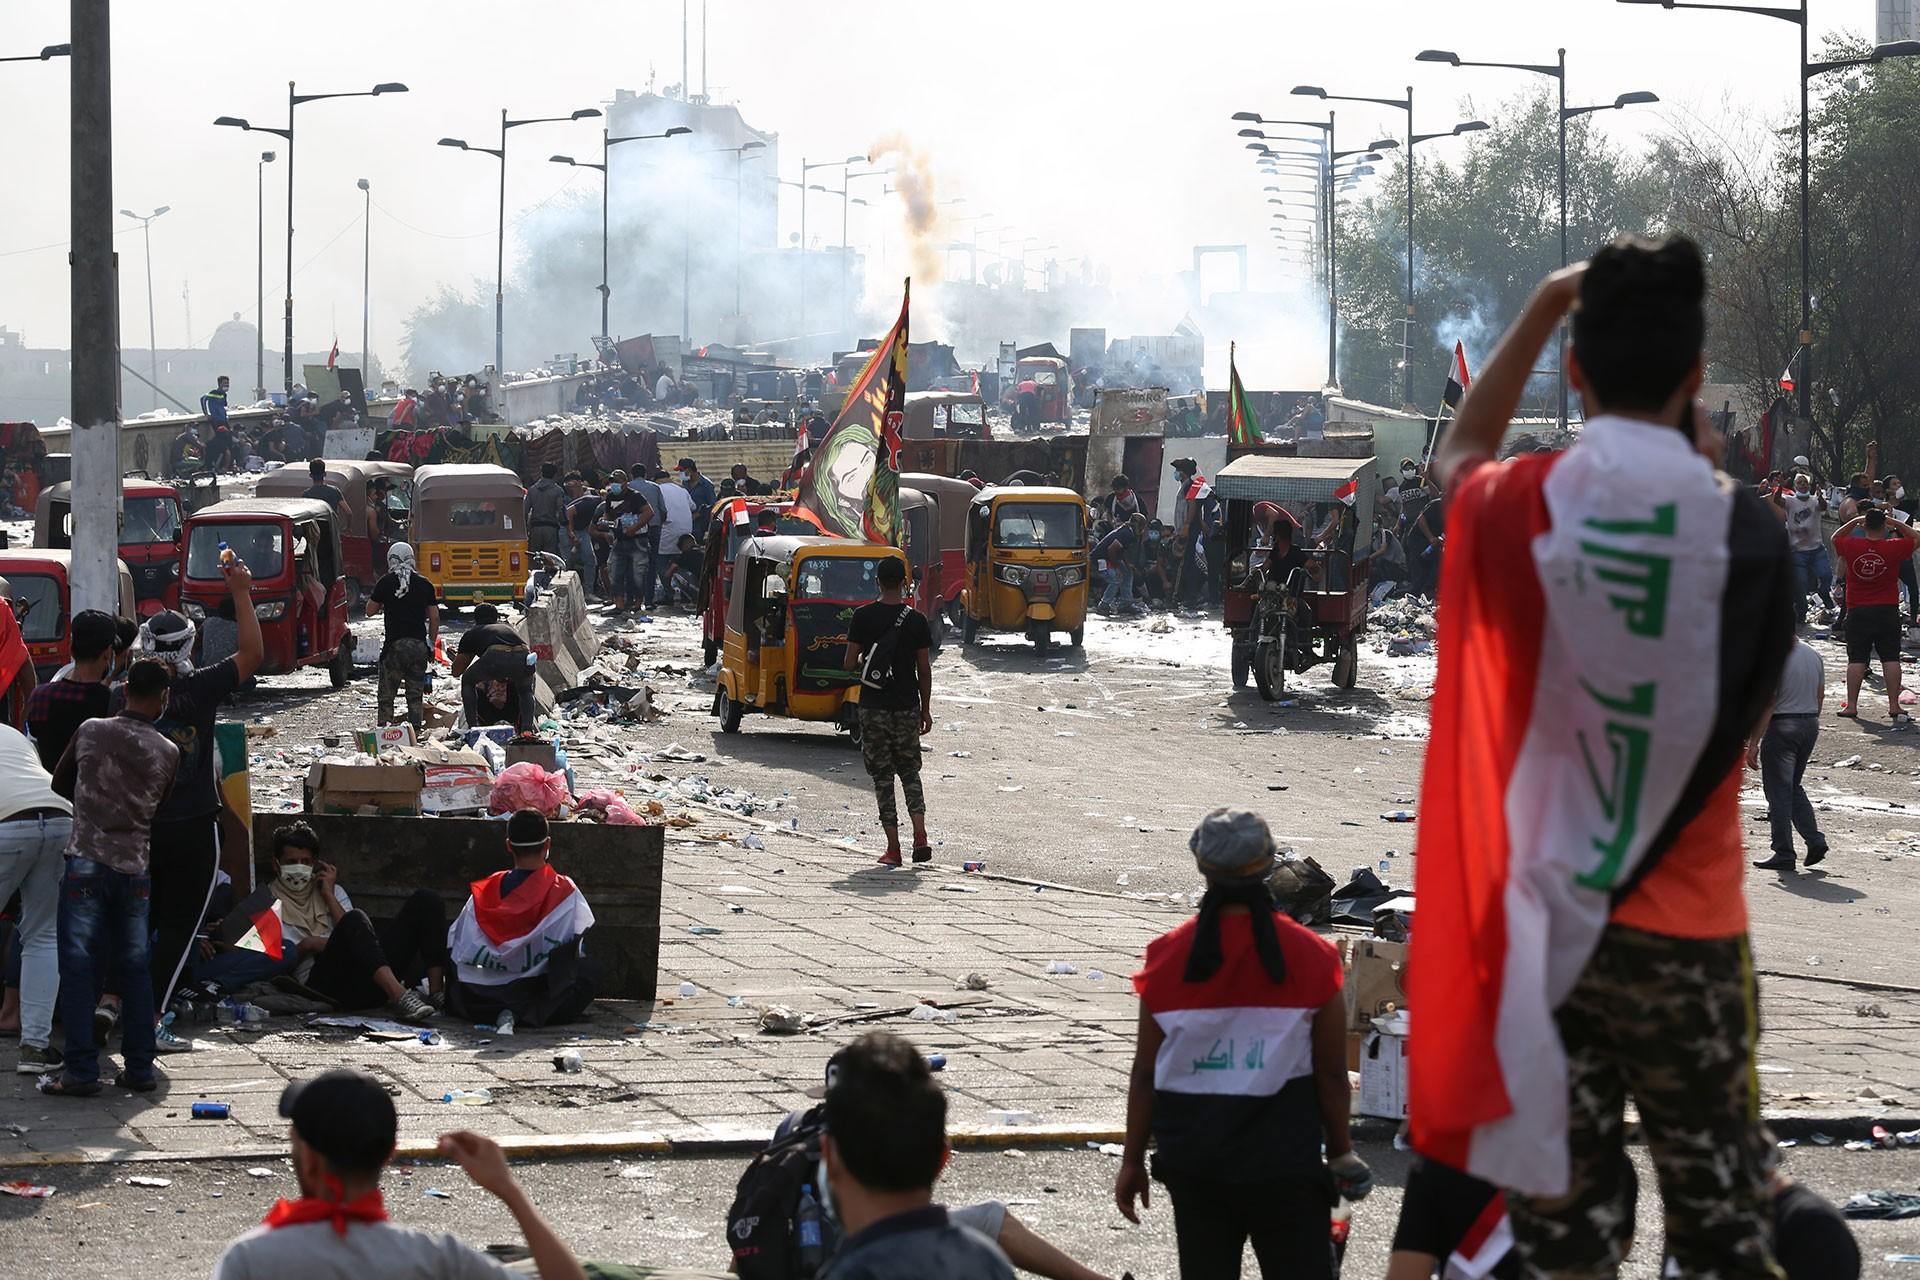 Bağdat'ta gösteriler sürüyor: Halk rejimi devirmek istiyor